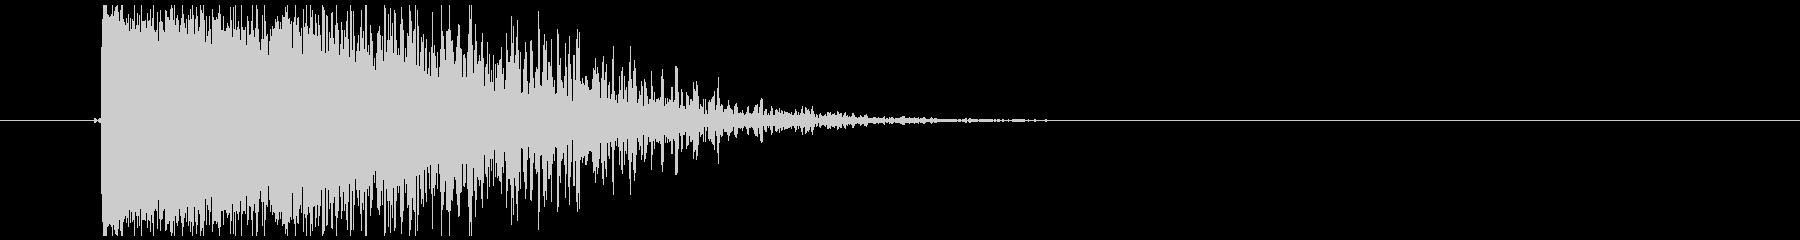 ドカーン 爆発音2の未再生の波形